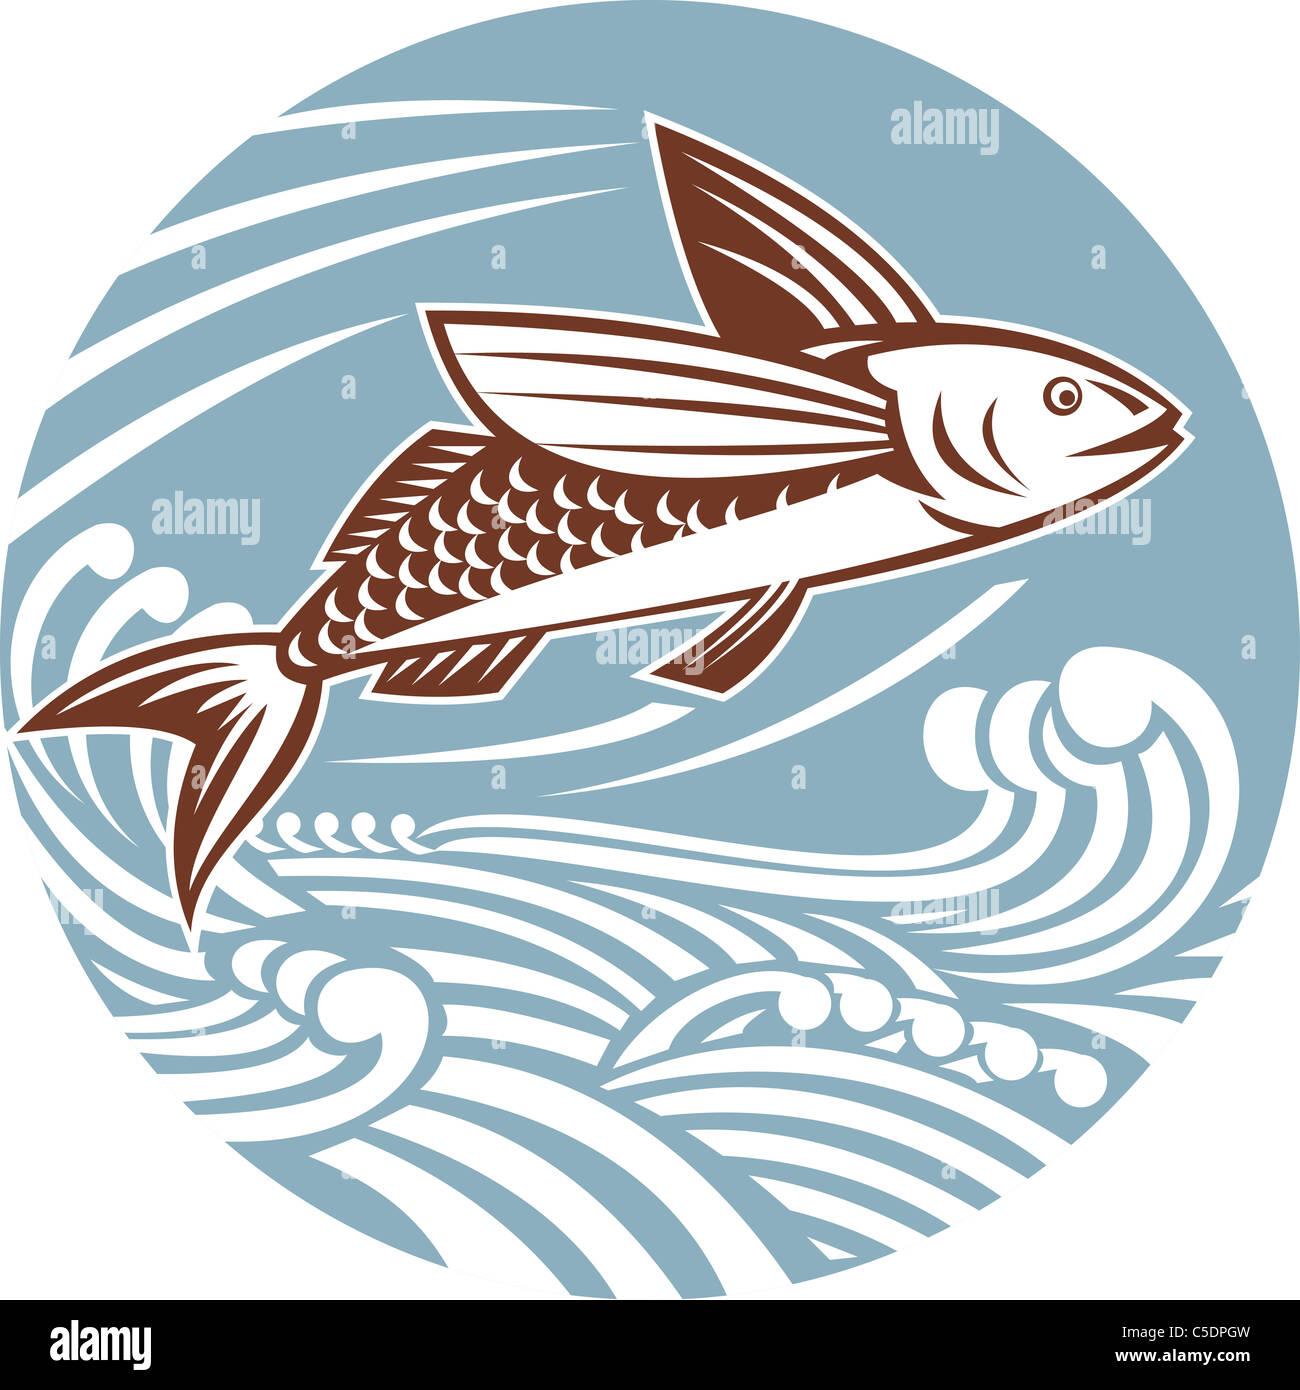 Illustrazione di un pesce battenti con onde fatto in stile retrò imposta all'interno di un cerchio Immagini Stock